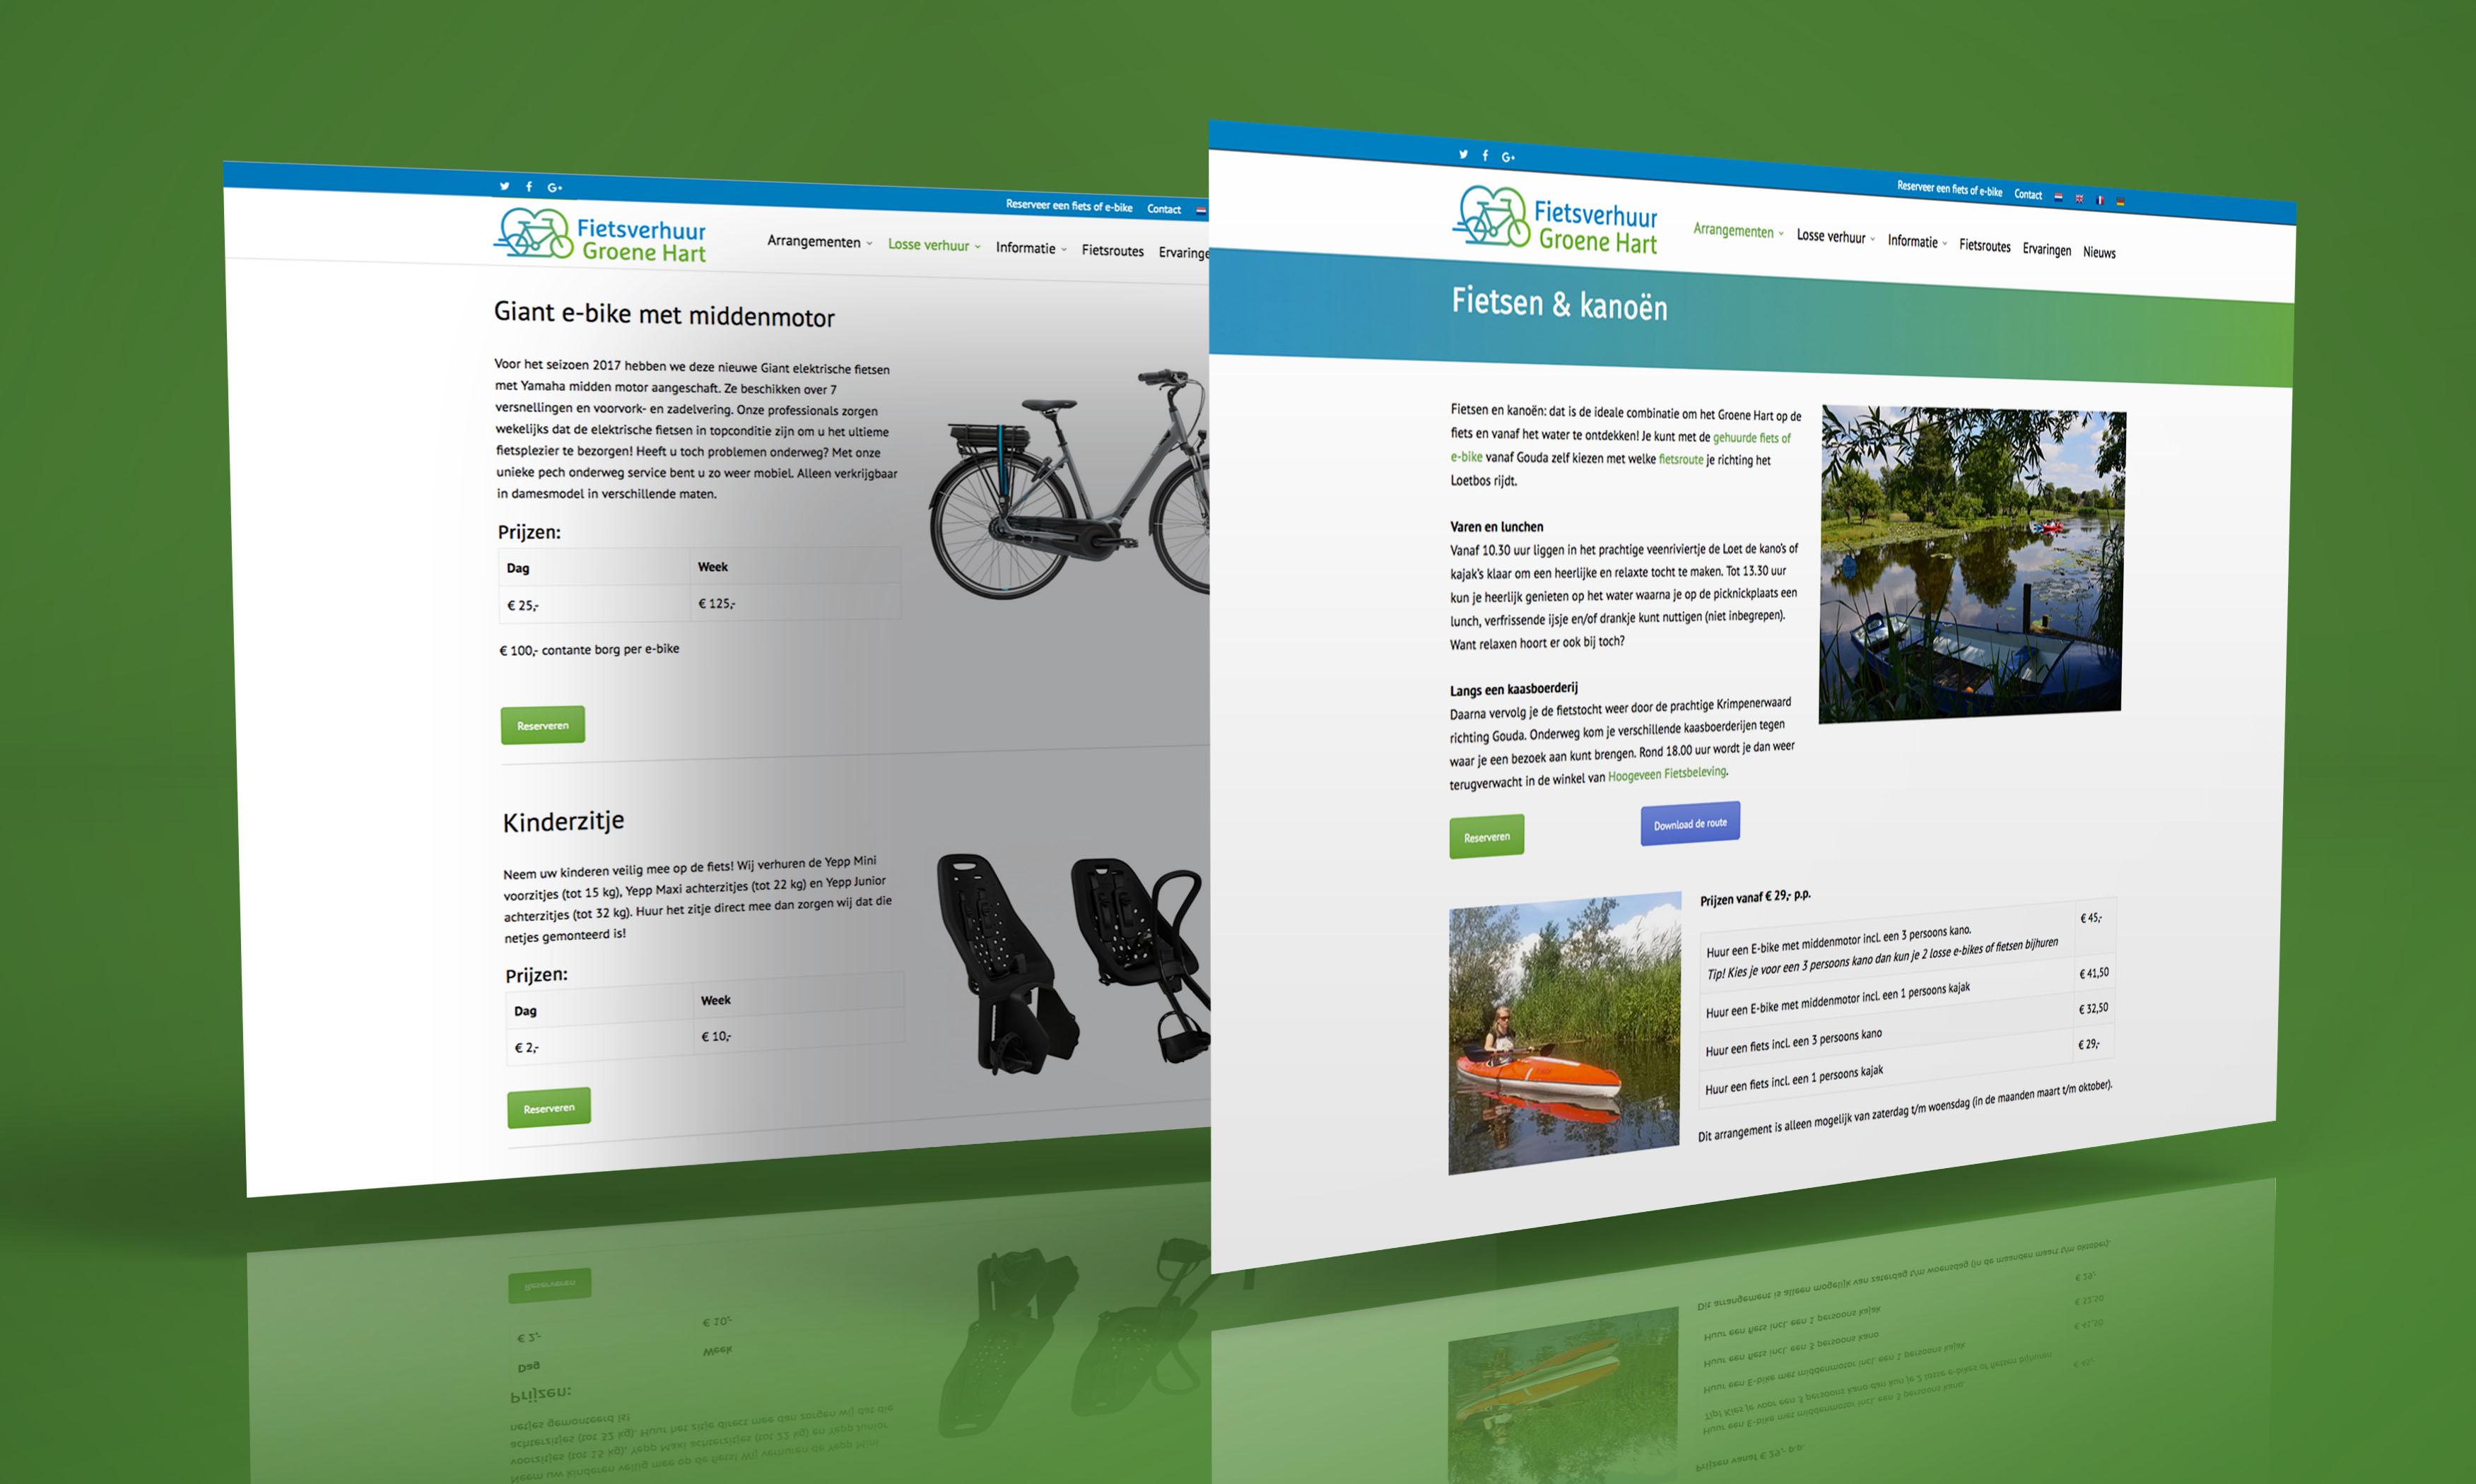 fietsverhuurgroenehart.nl